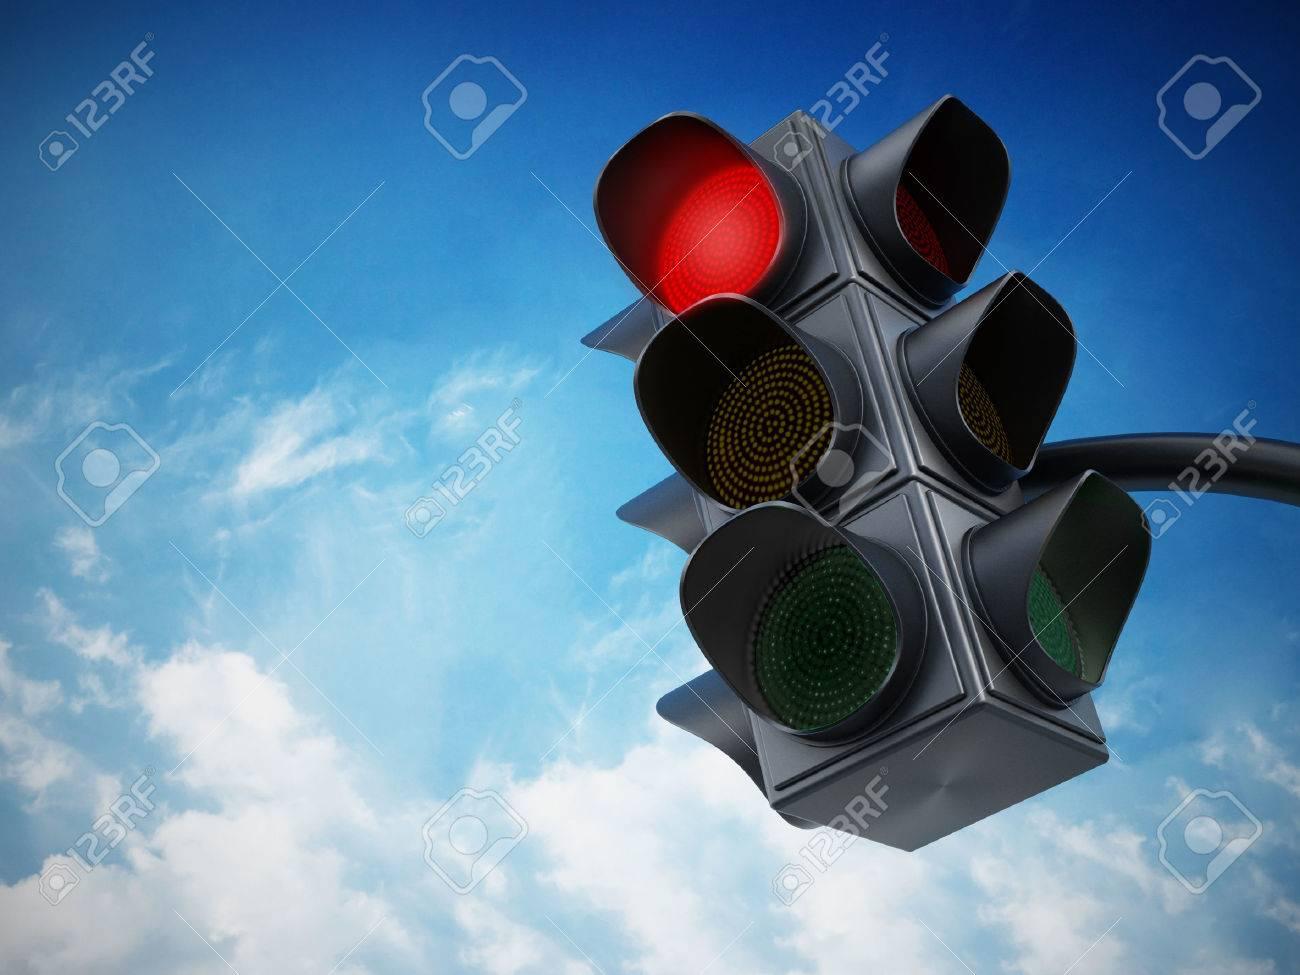 Green traffic light against blue sky. Stock Photo - 36024052